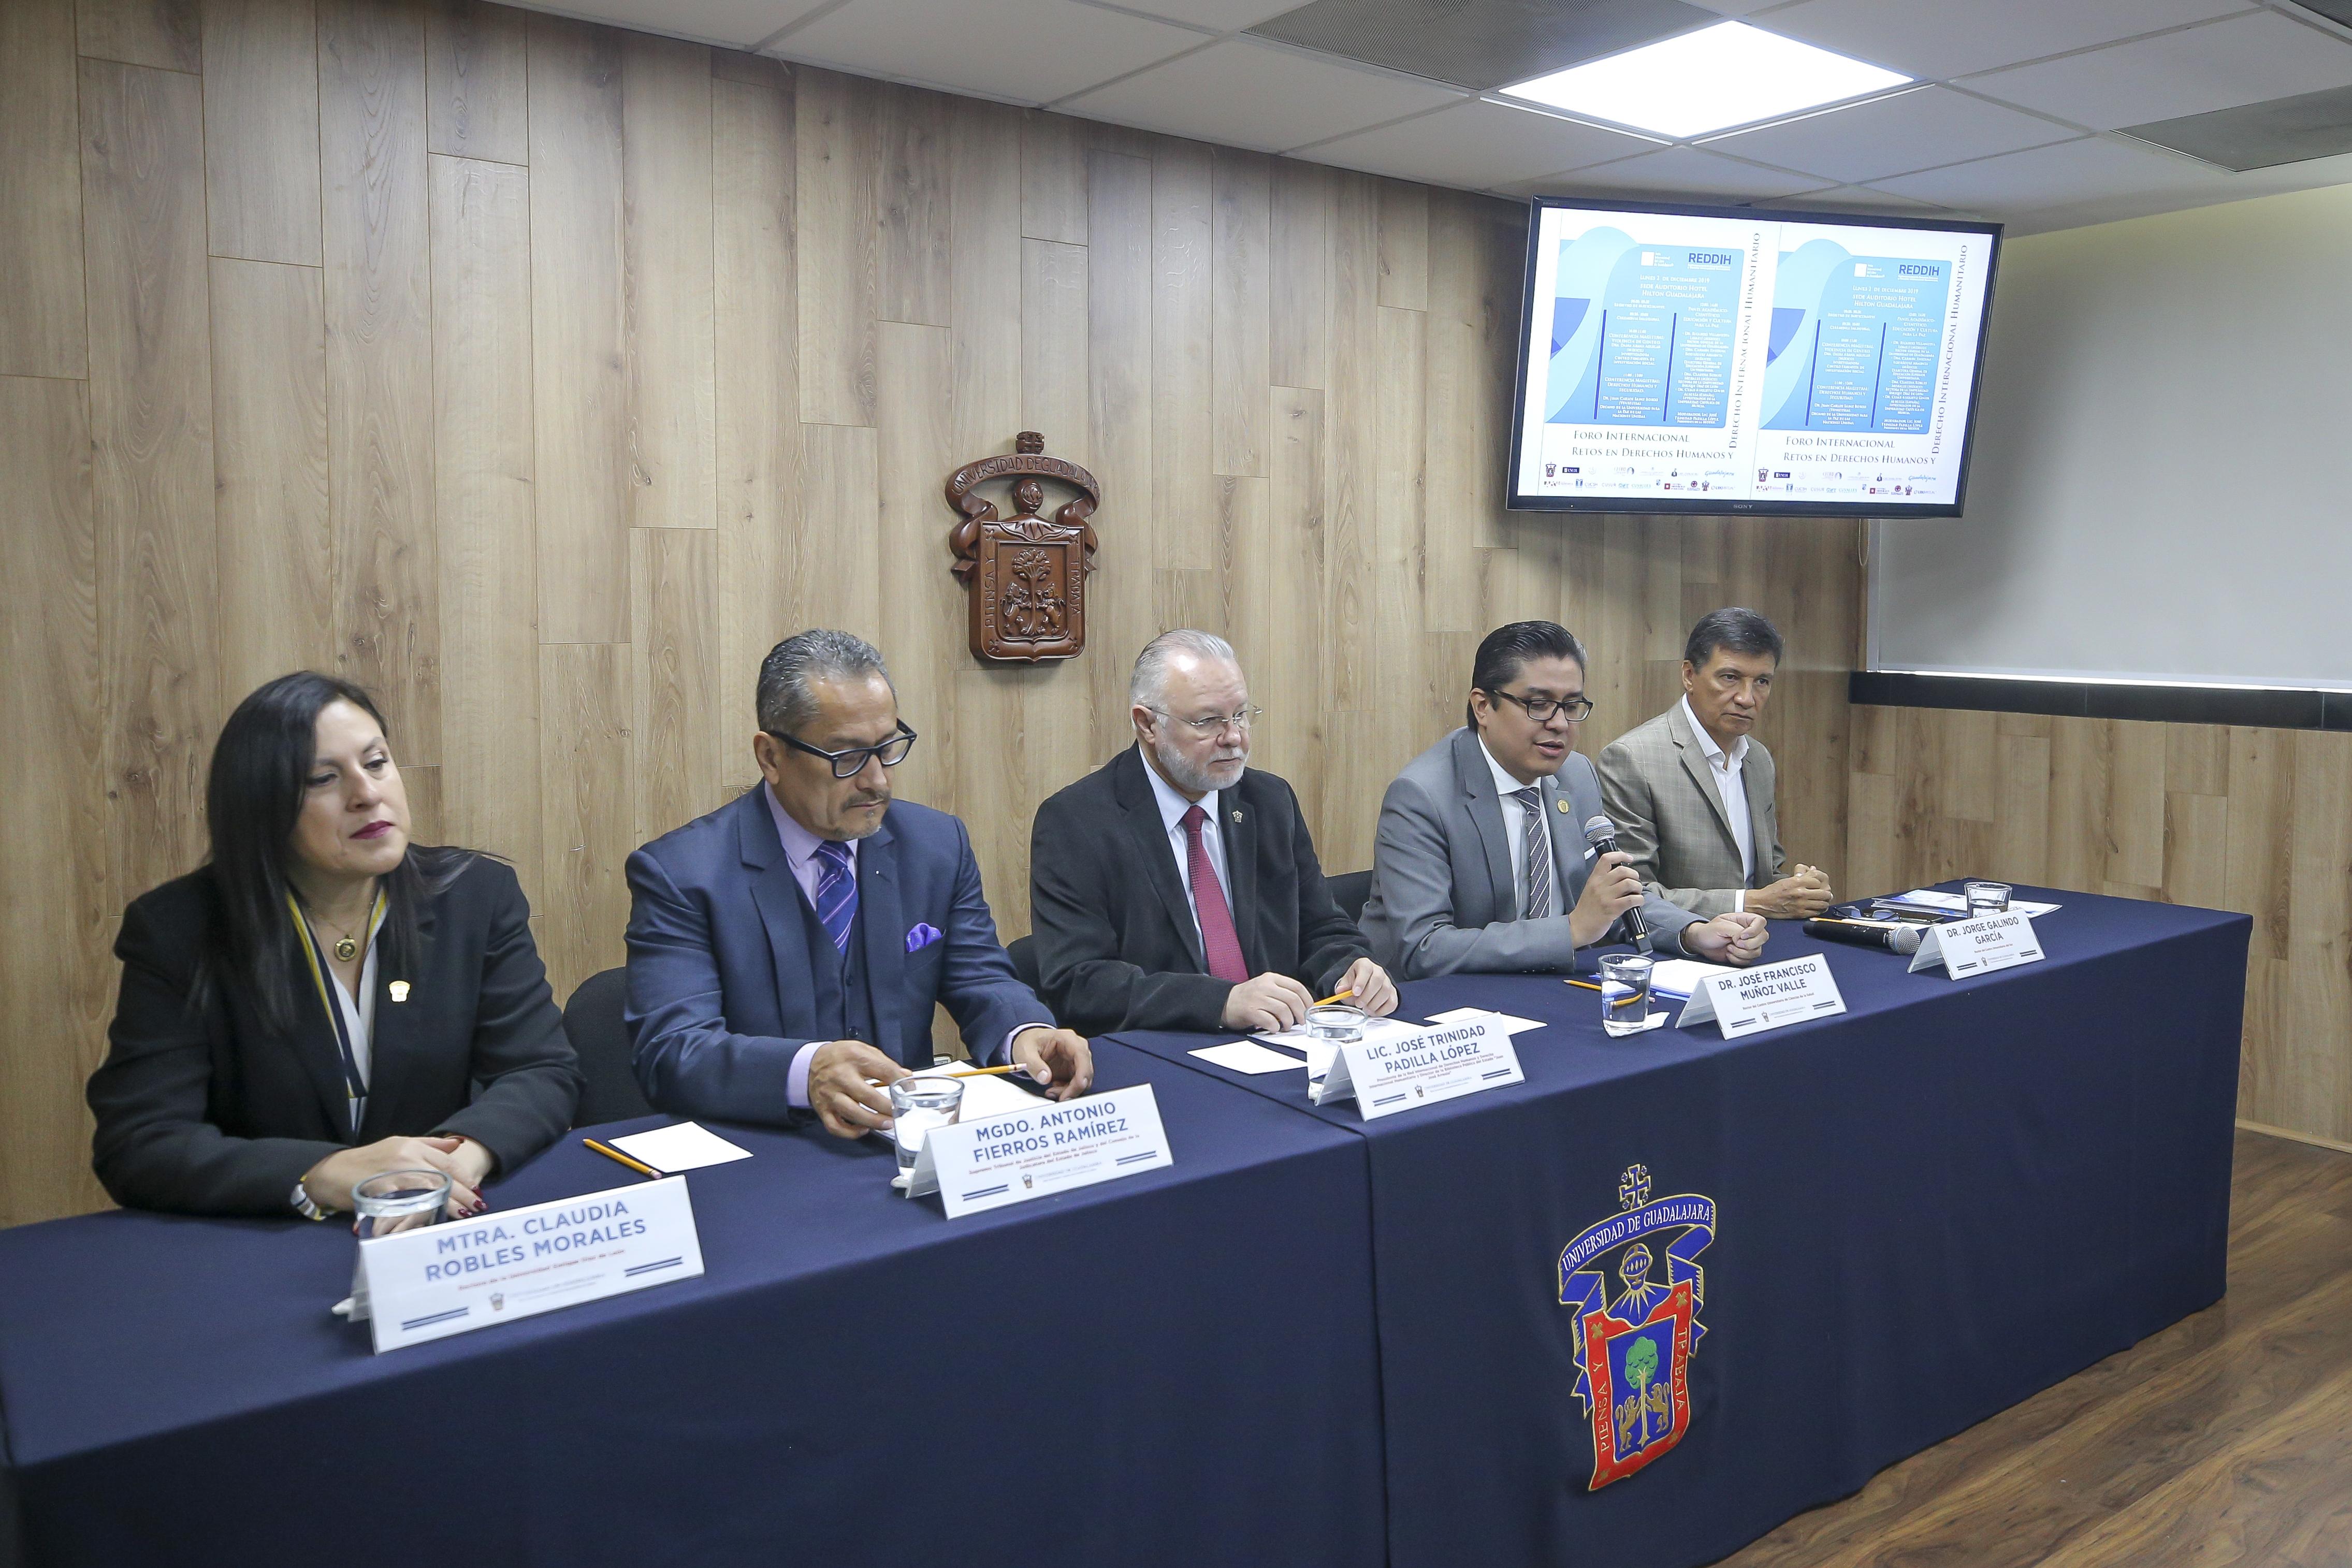 Miembros del presídium, rector CUCS tomando la palabra